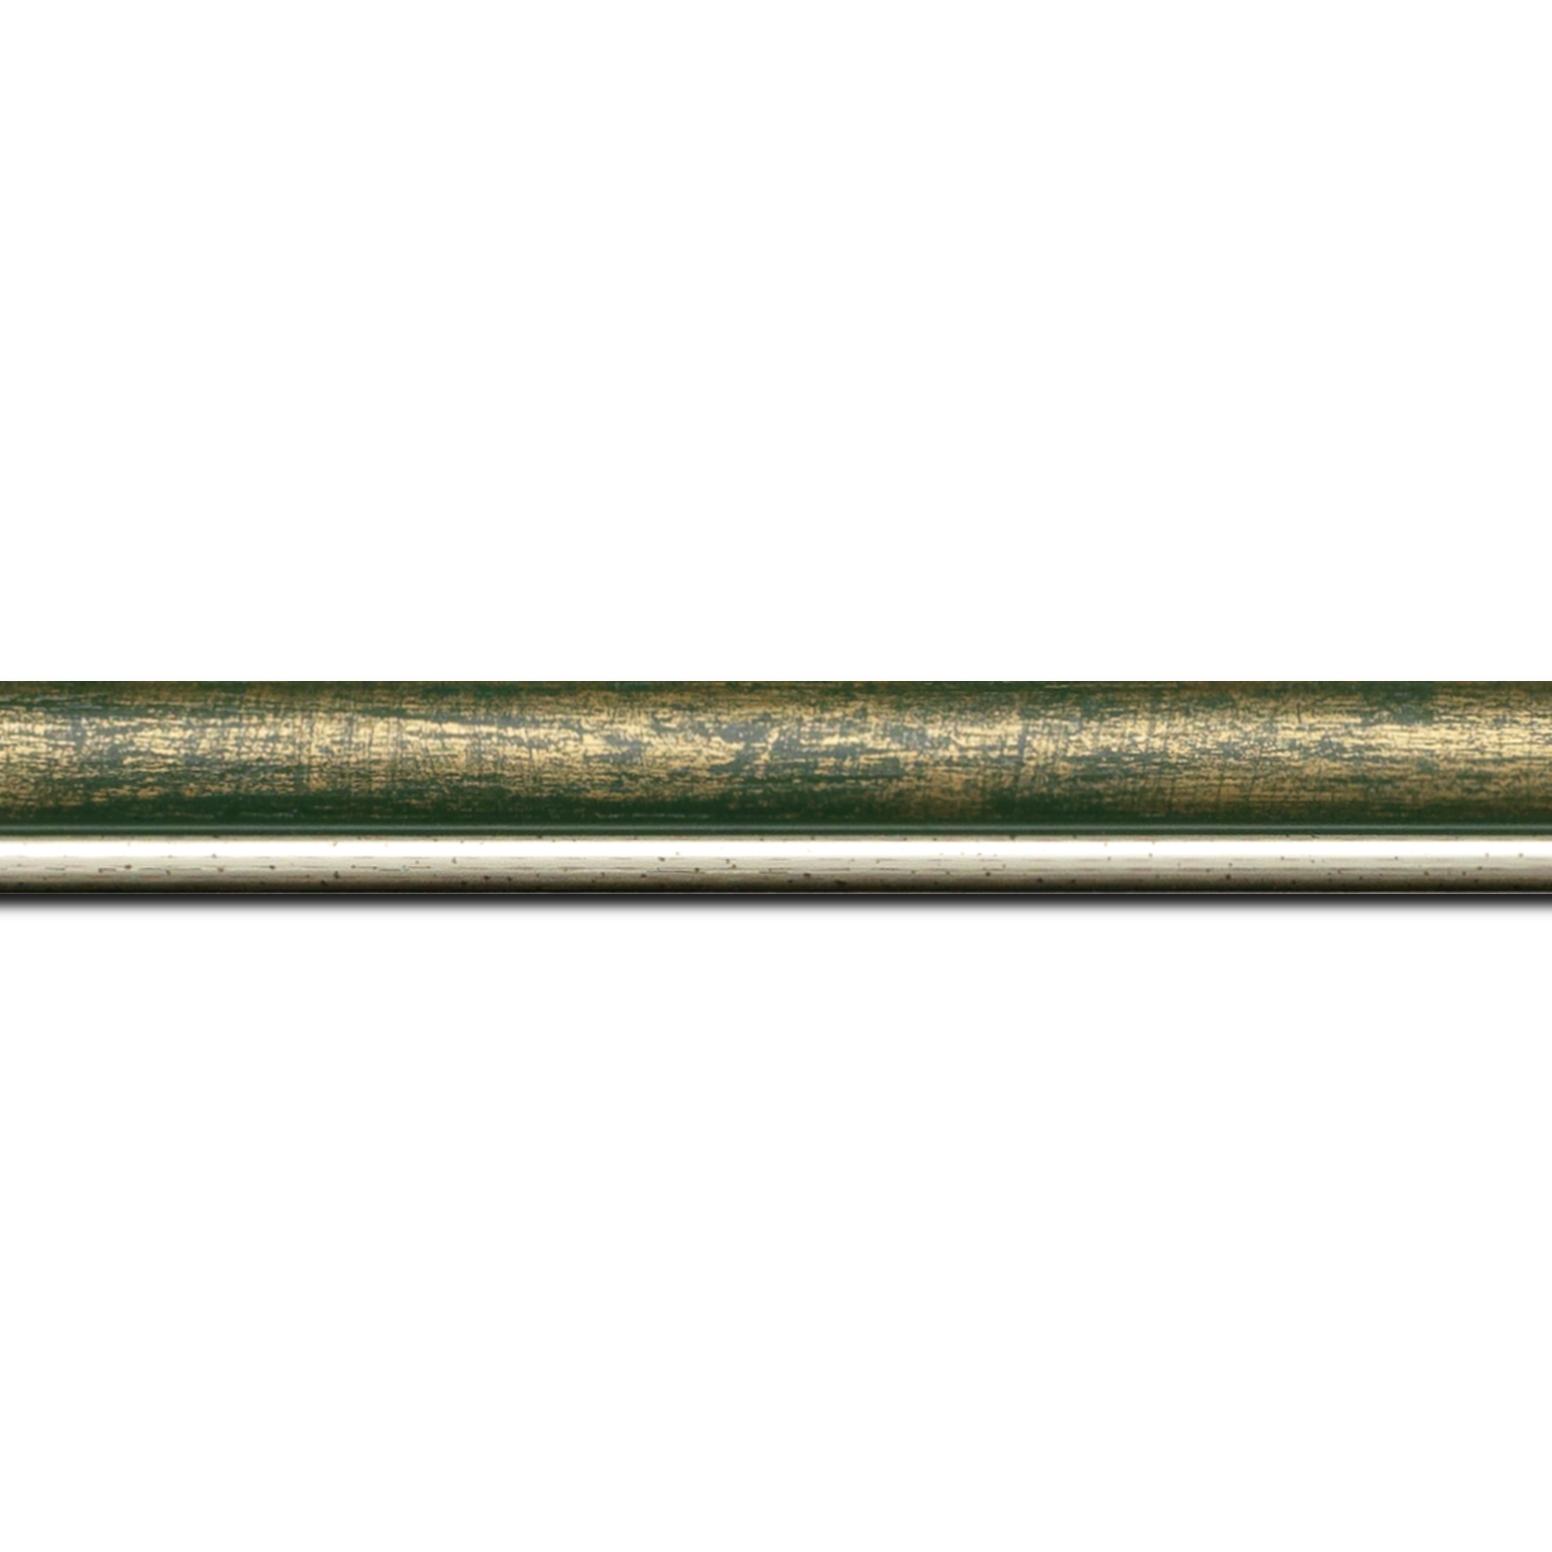 Pack par 12m, bois profil arrondi largeur 2.1cm couleur vert fond or filet argent chaud (longueur baguette pouvant varier entre 2.40m et 3m selon arrivage des bois)